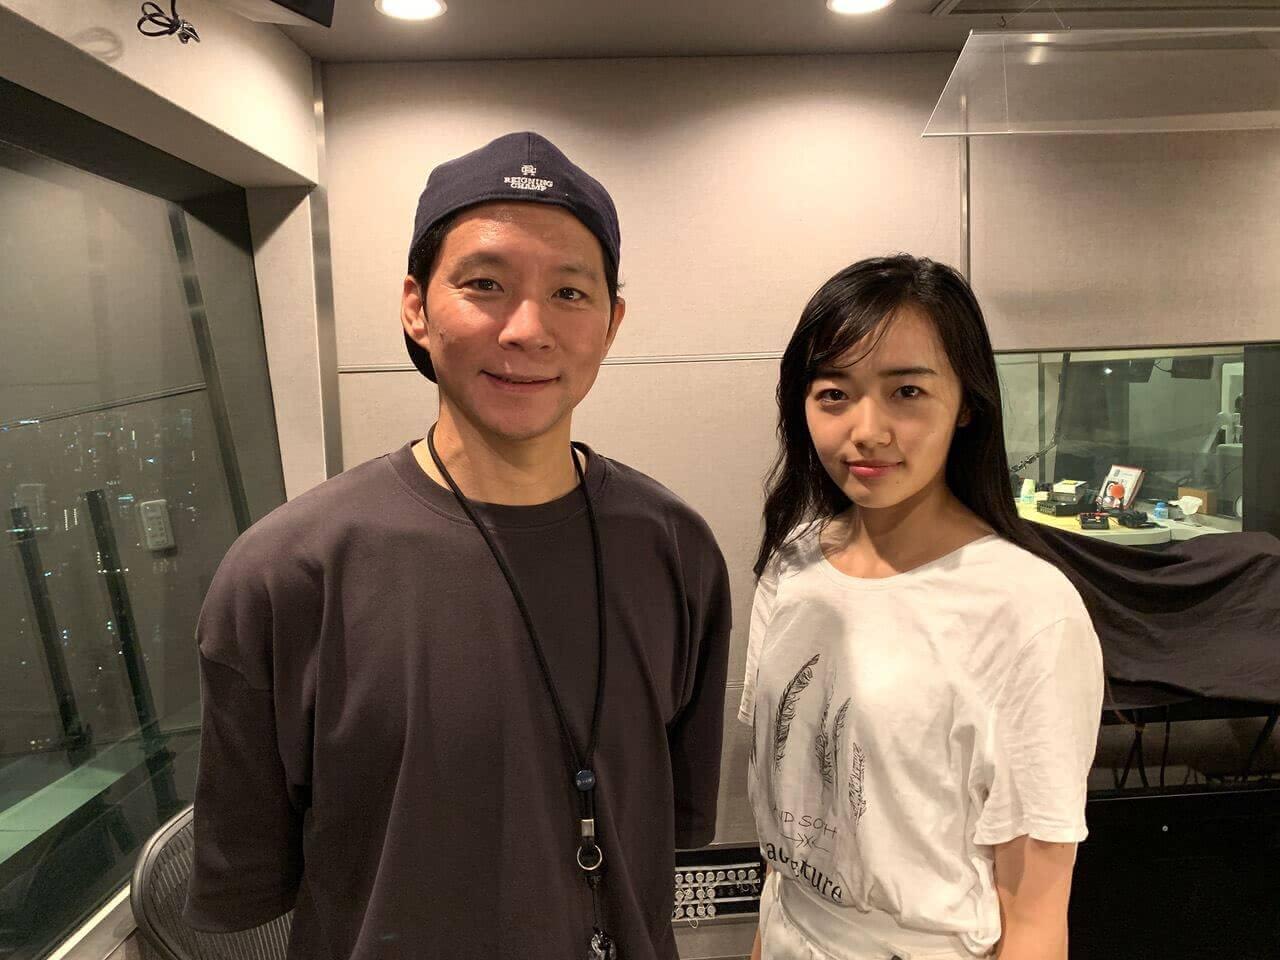 全裸監督』でヒロインを演じた、今大注目の女優\u201c森田望智さん